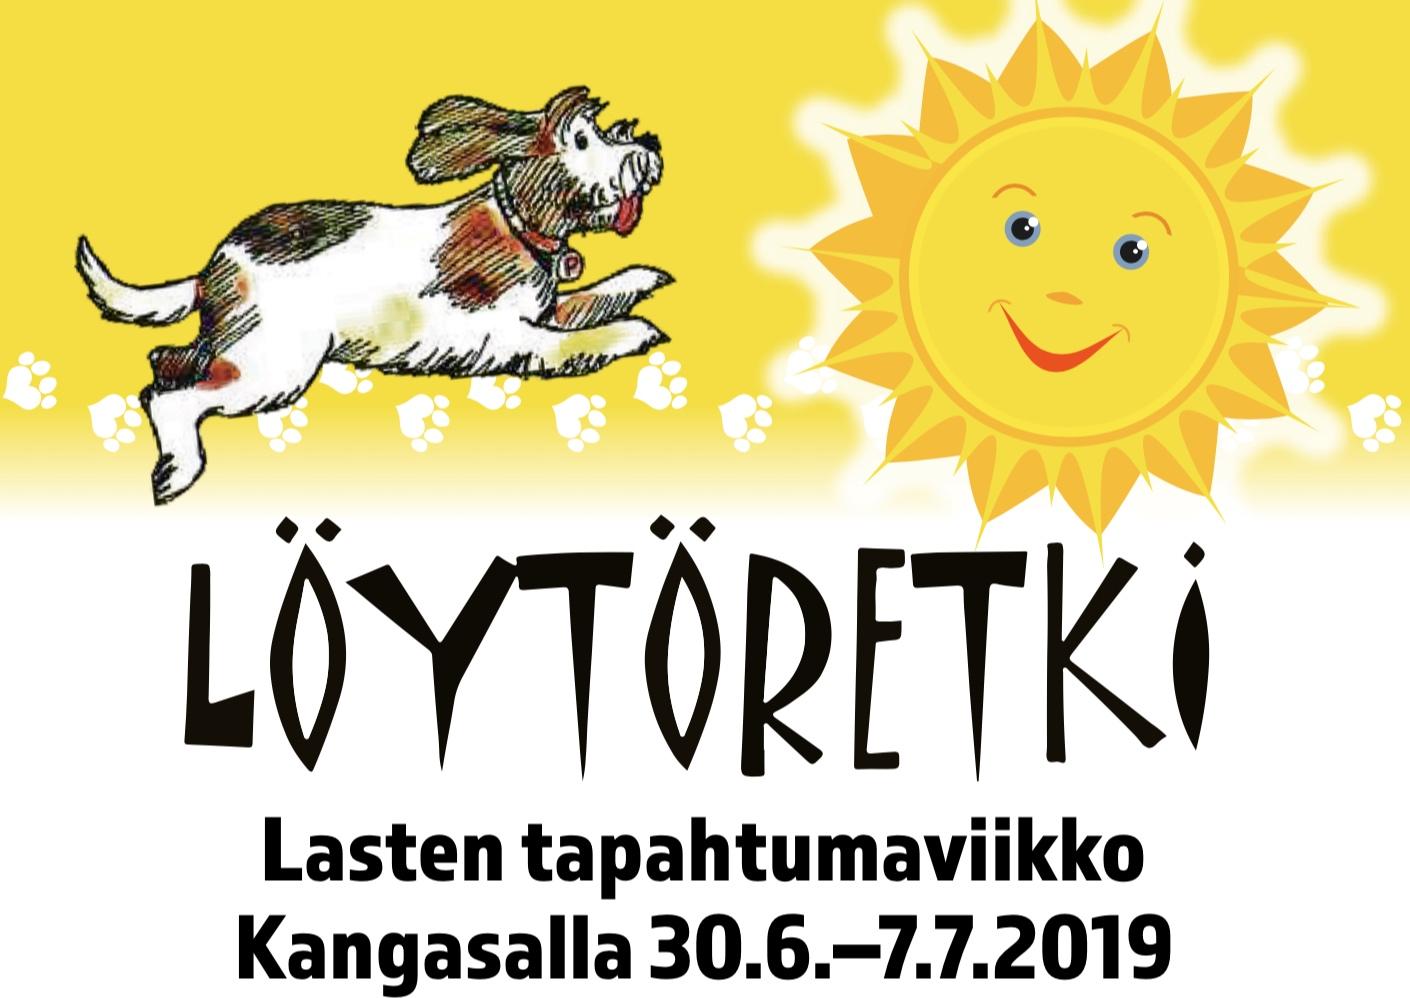 Lasten Löytöretki -tapahtumaviikon ohjelmaa myös Kangasala-talossa.